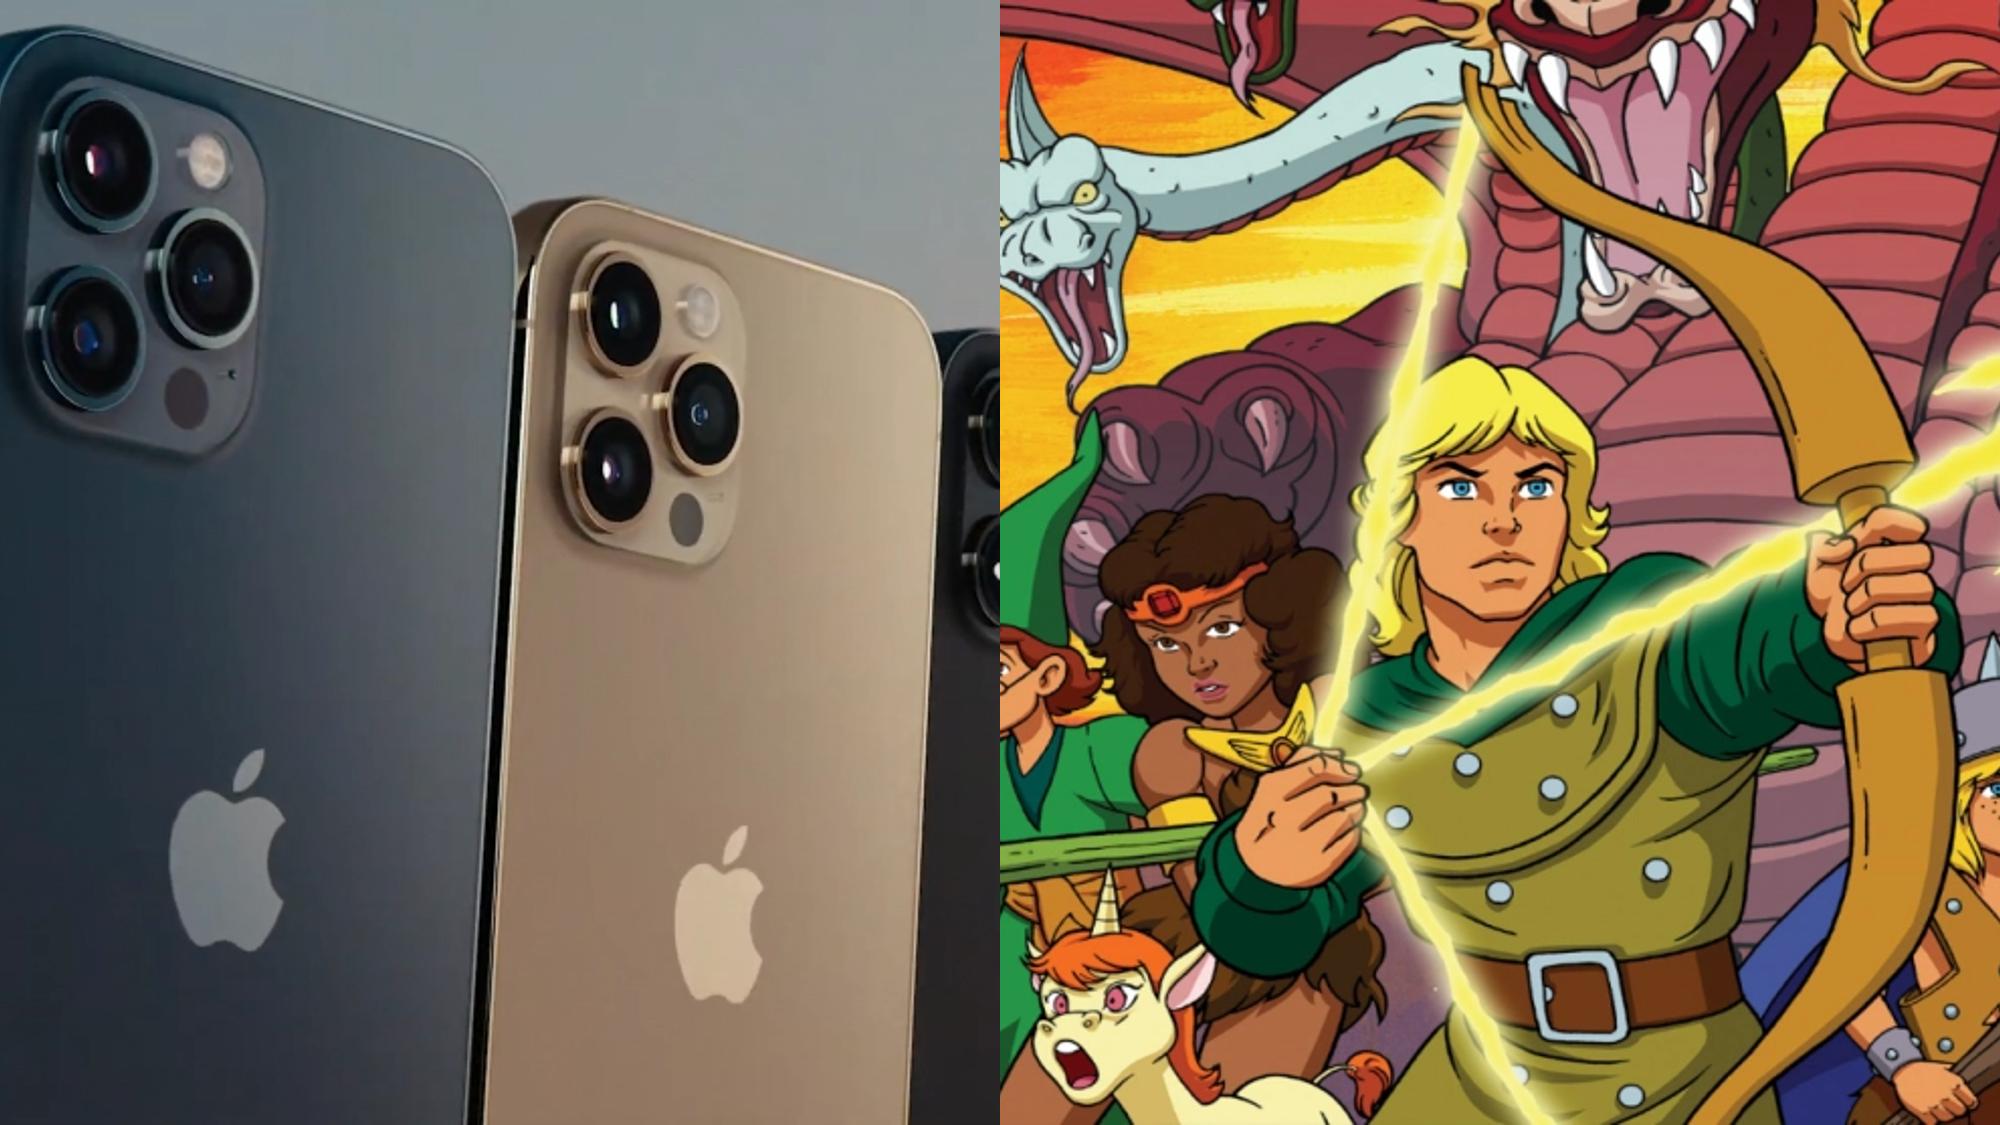 Melhores da semana: lançamento do iphone 12, melhores celulares para comprar e muito mais. Do comentado evento da apple ao episódio final da caverna do dragão, confira as melhores da semana, que traz as matérias mais lidas pra você